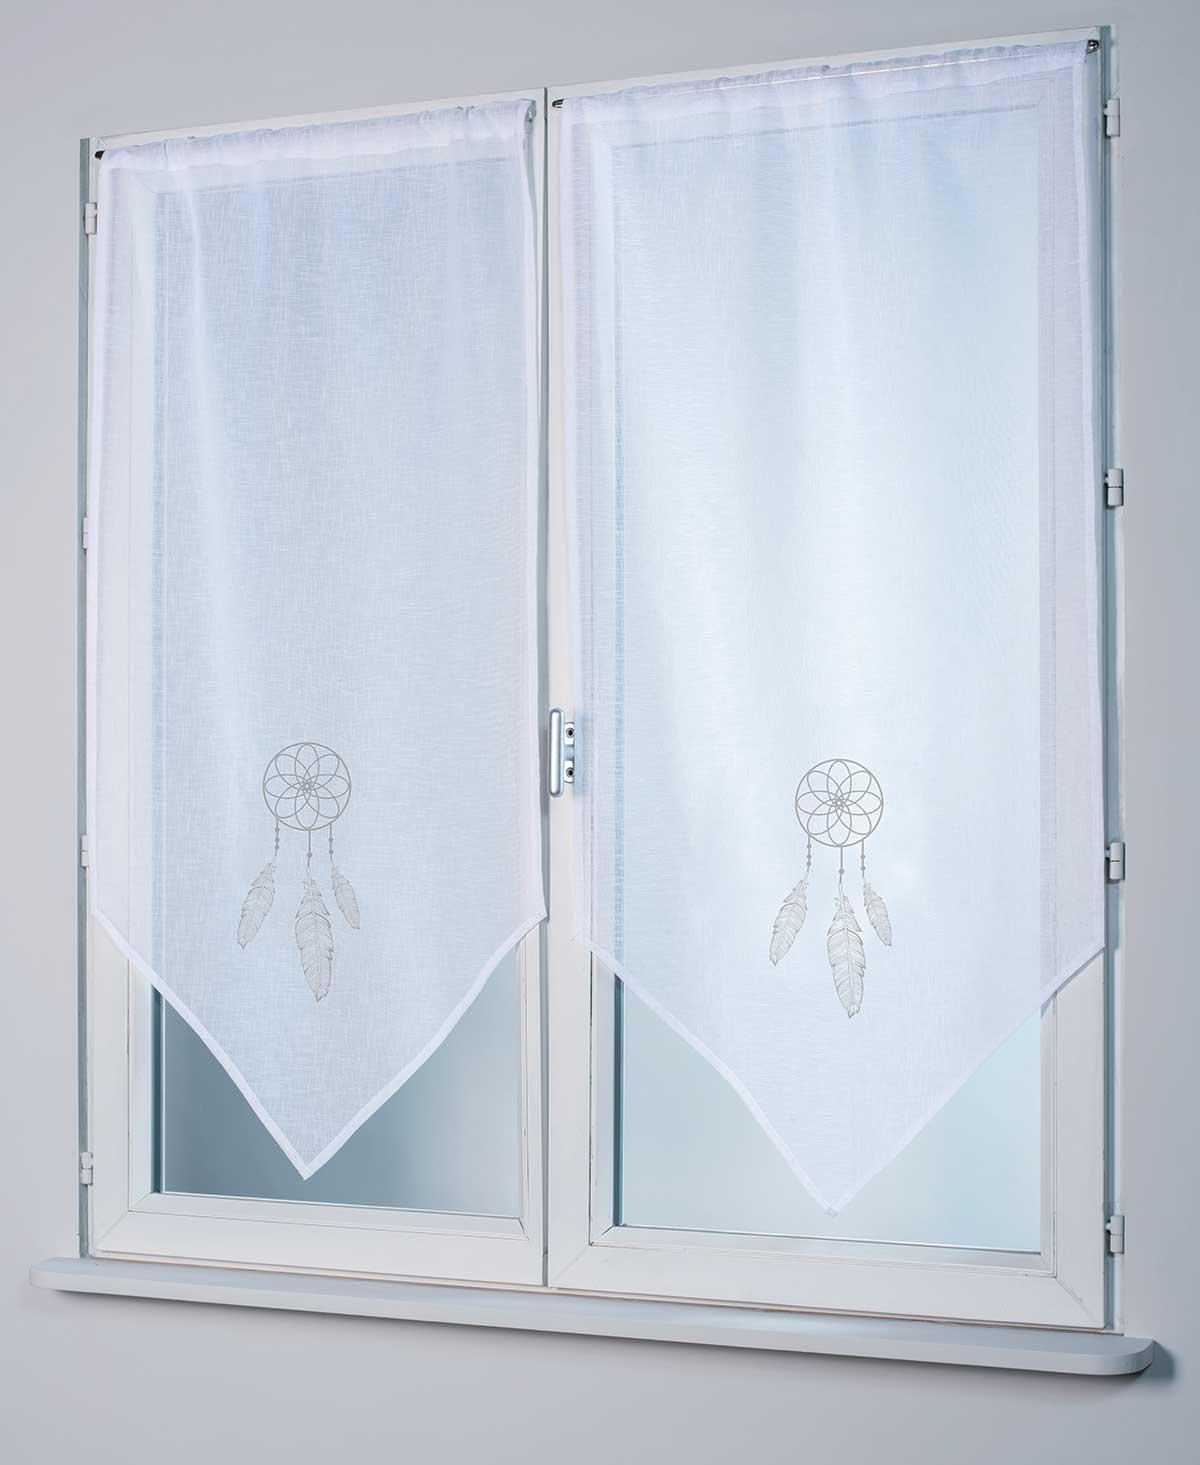 Paire de Vitrages Attrape-rêves - Gris - 58 x 120 cm